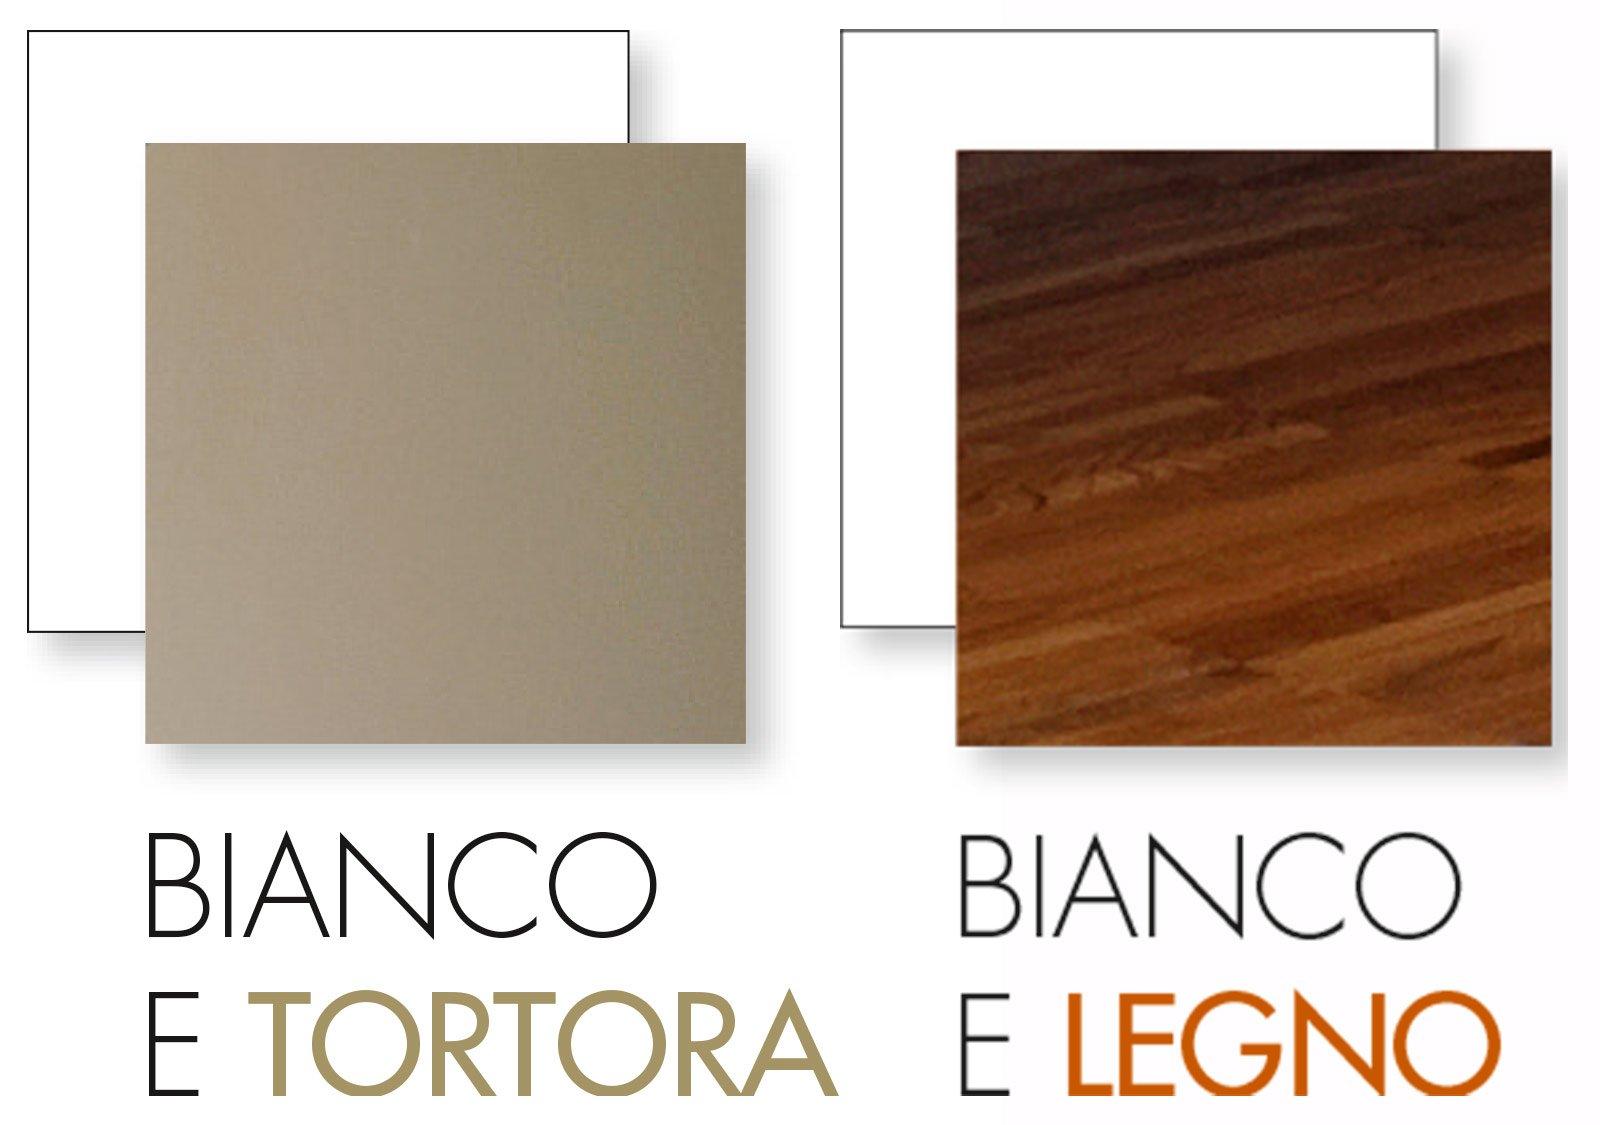 Pareti Color Tortora E Bianco: Color tortora per pareti che mobili scegliere ...